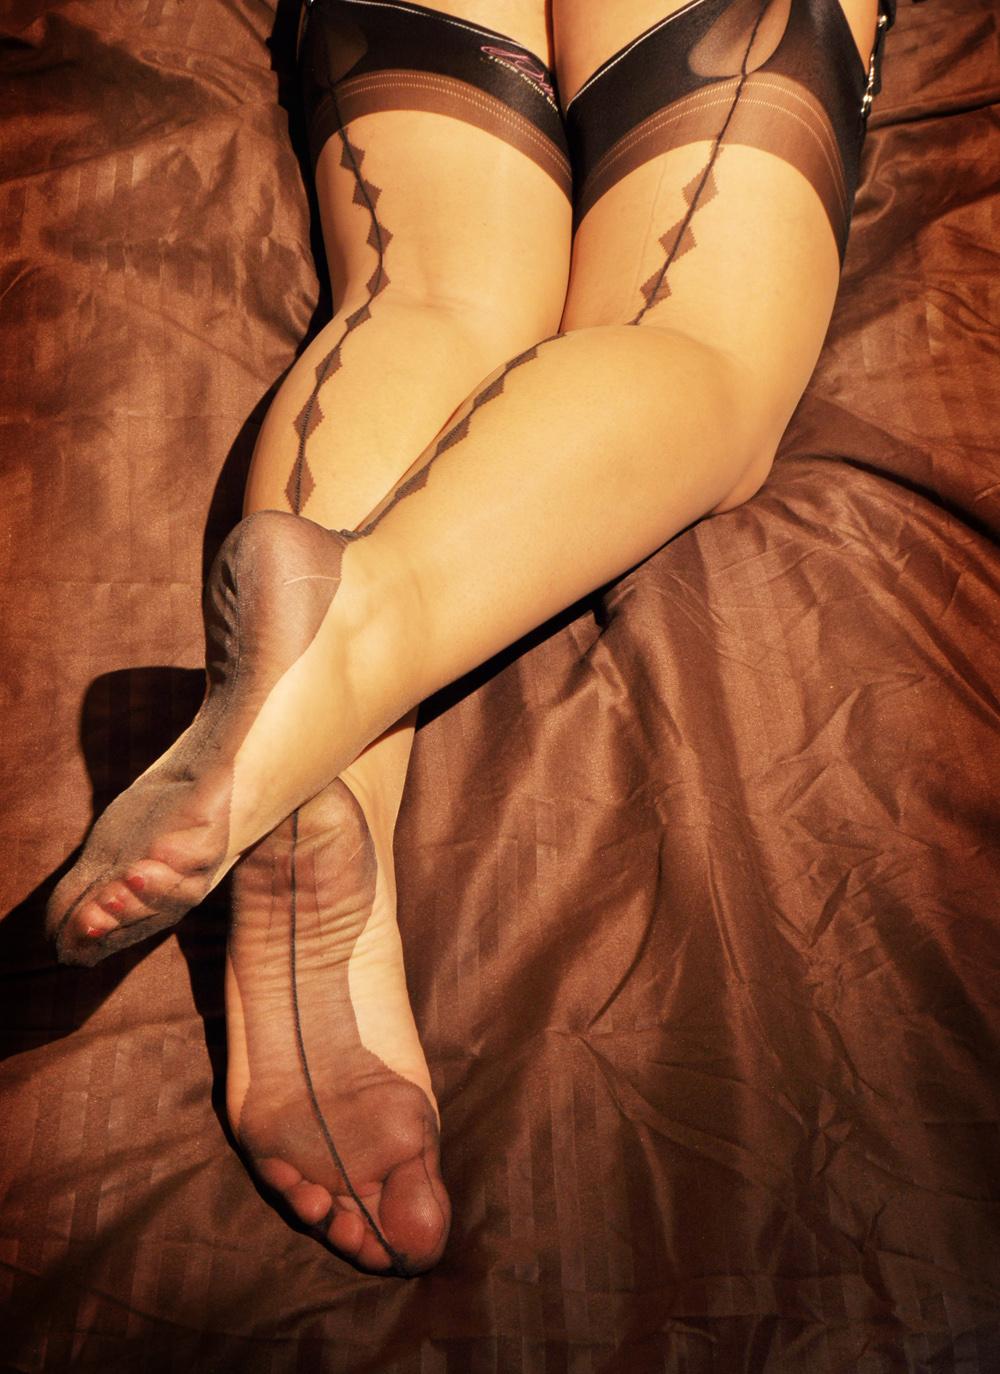 Vintage nylon stocking feet